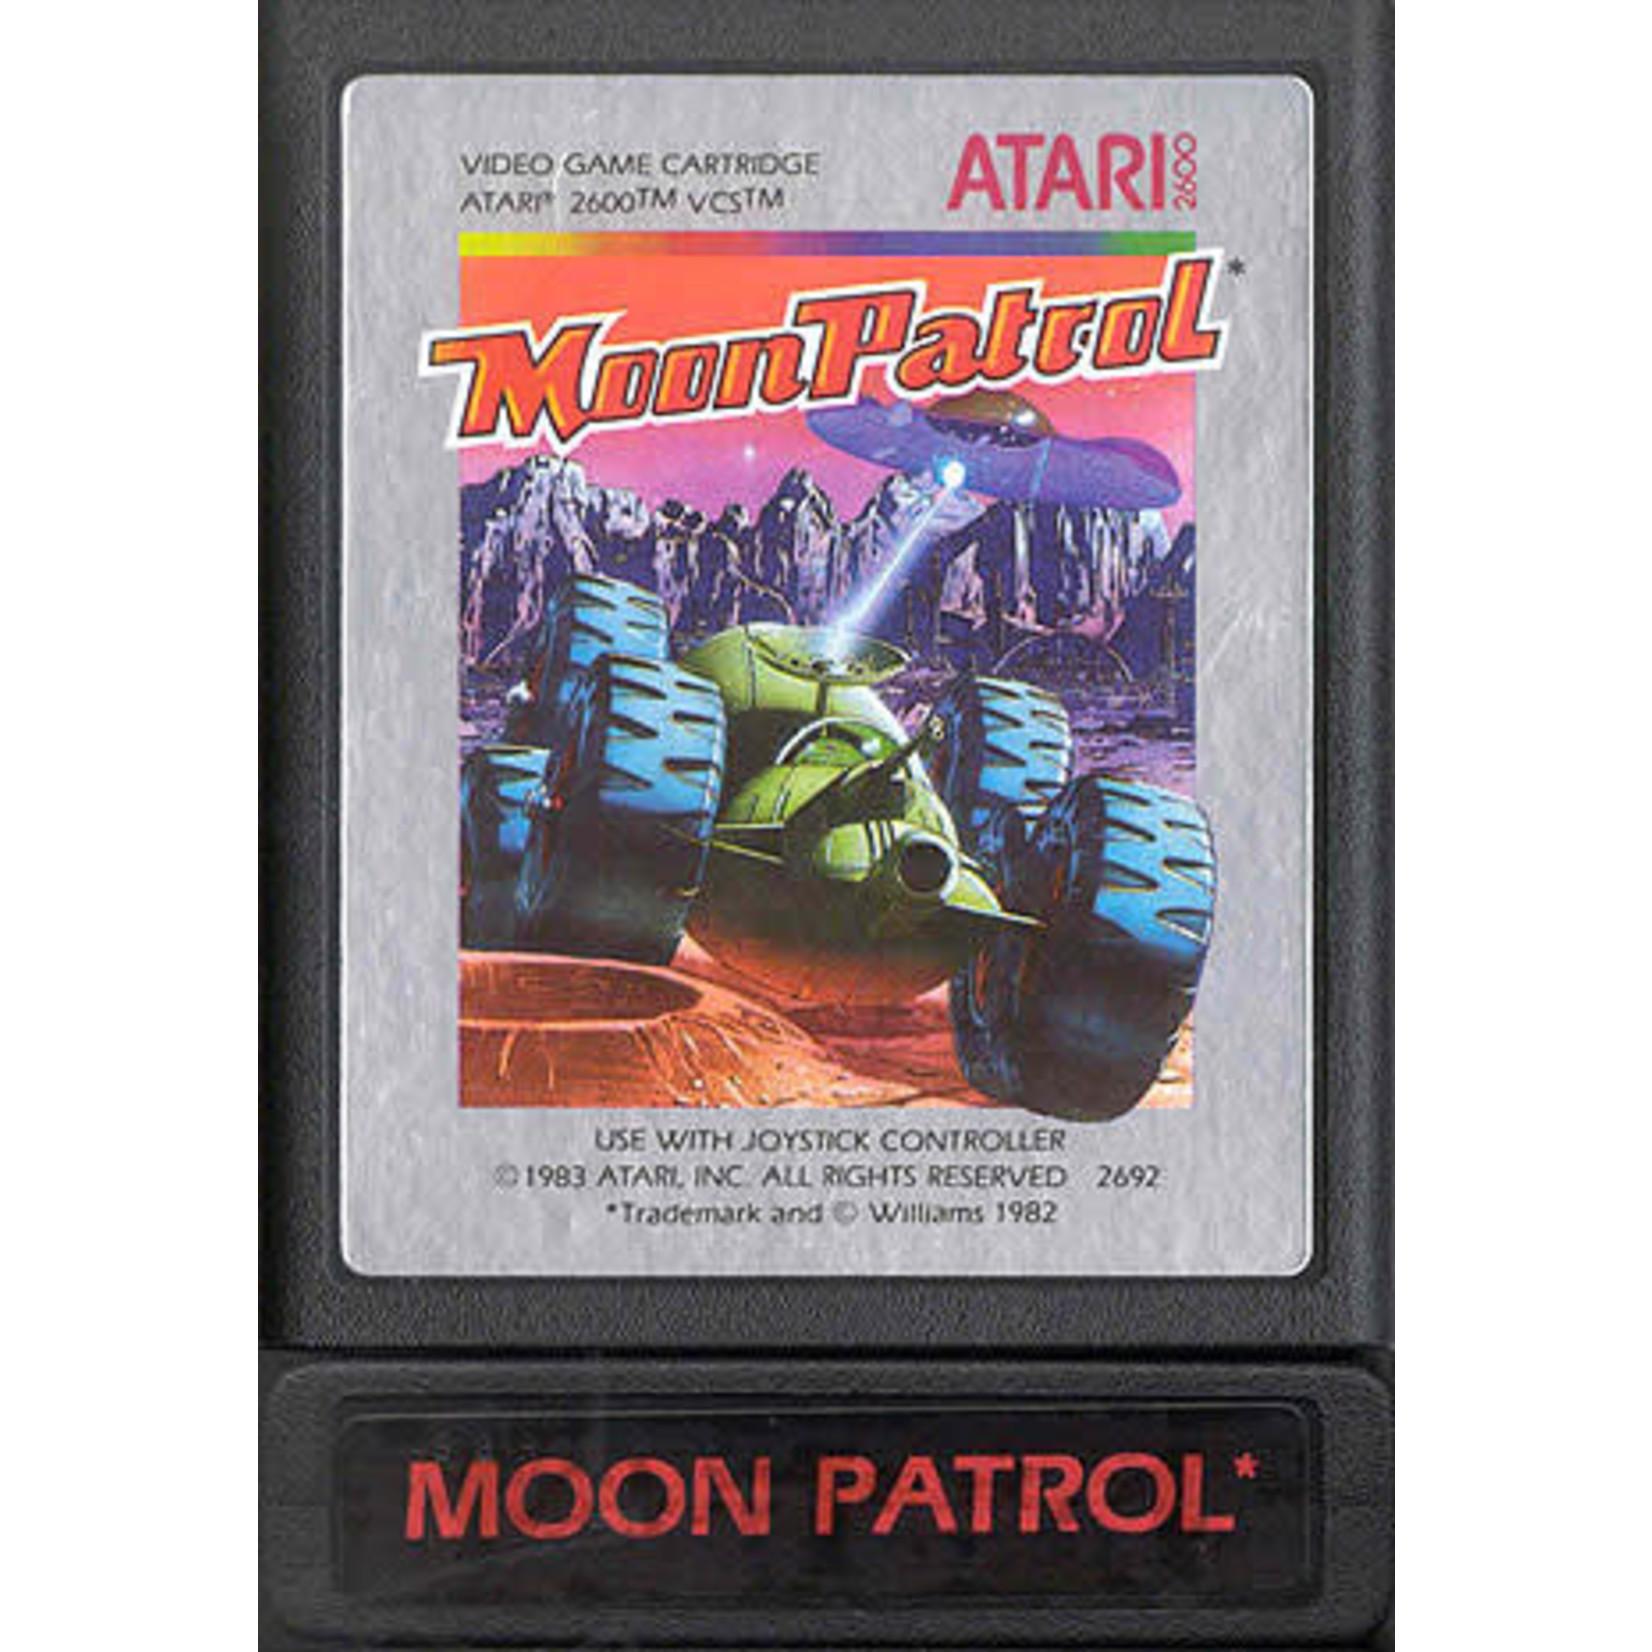 ATARIU-MOON PATROL (CART)